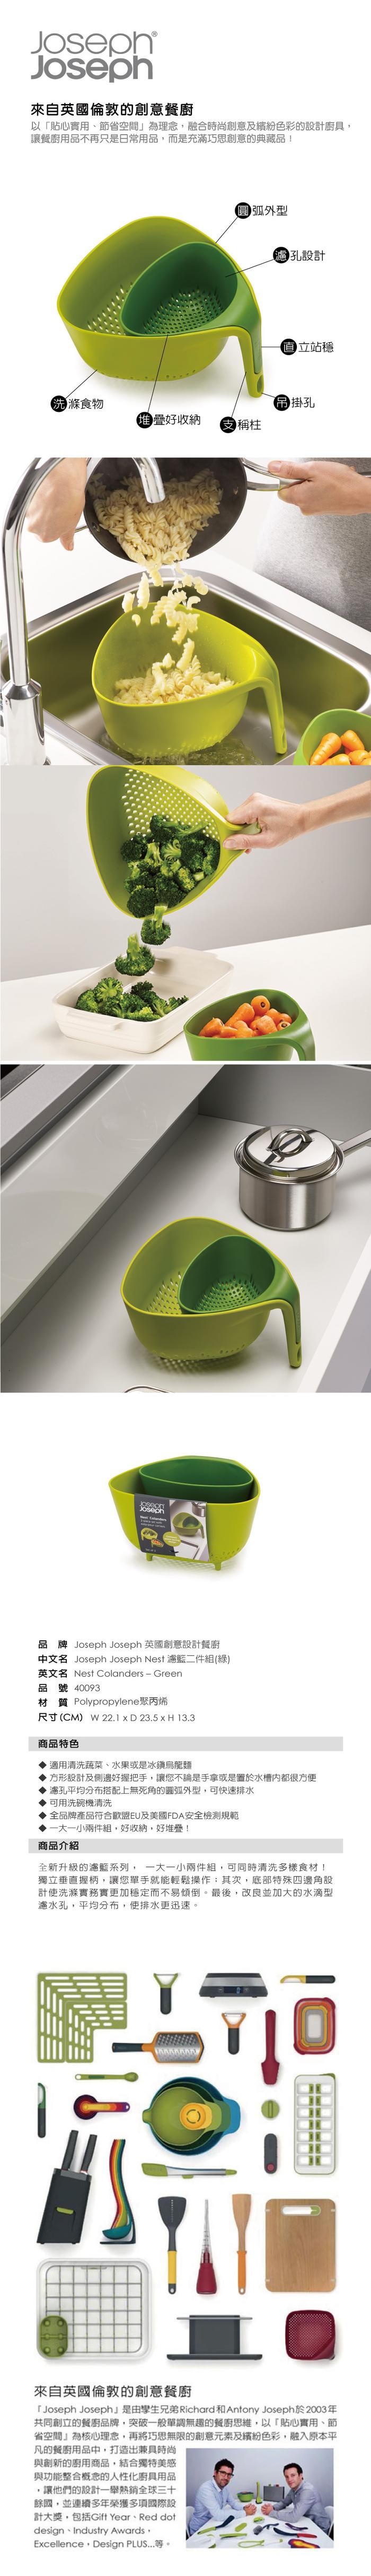 (複製)Joseph Joseph|英國創意餐廚  翻轉不鏽鋼餐具組(藍綠色)